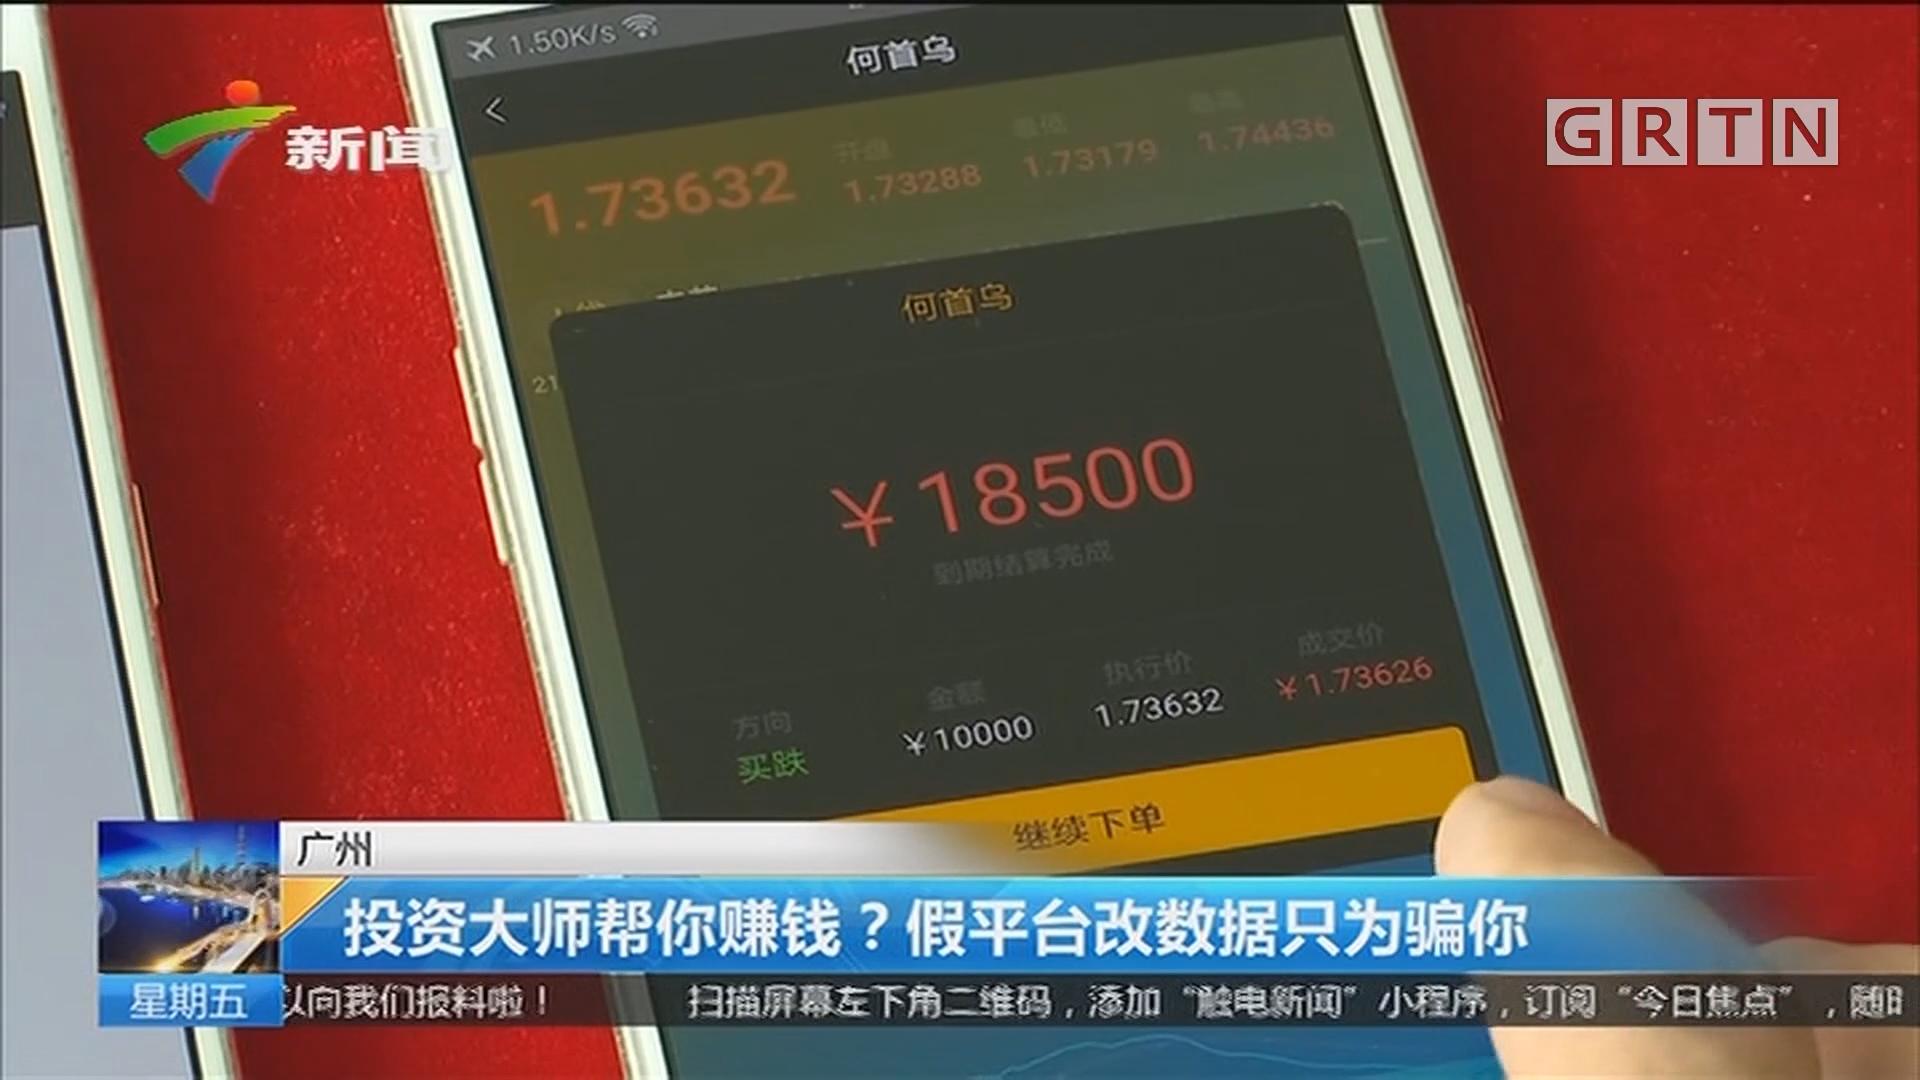 广州:投资大师帮你赚钱?假平台改数据只为骗你